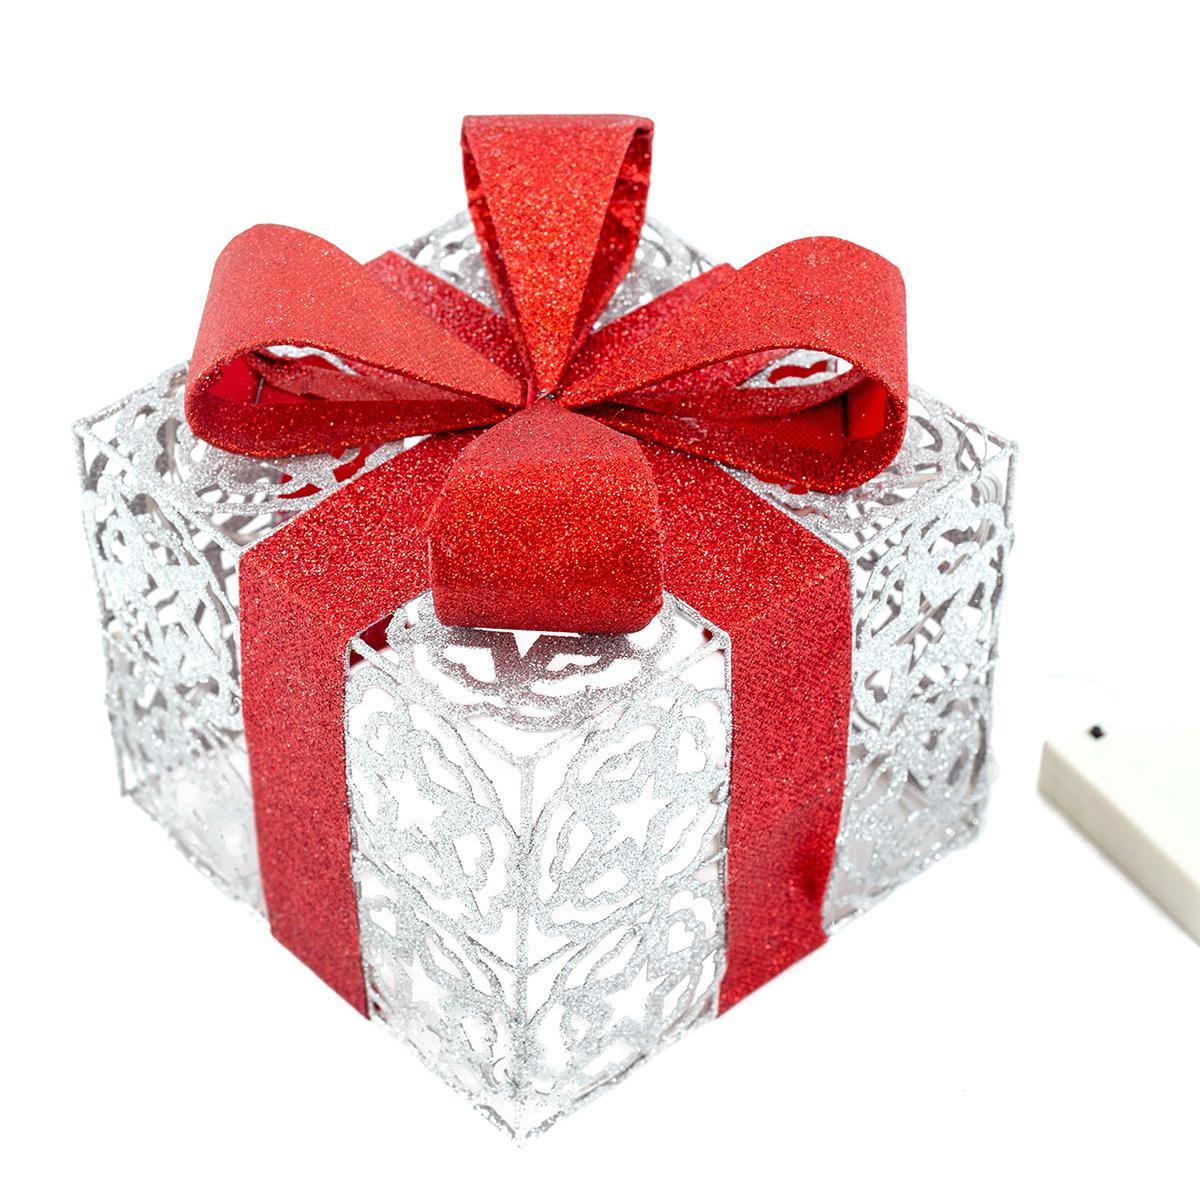 Geschenkbox Weihnachten.Led Geschenkbox Silber Weihnachtsdekoration Weihnachten Geschenkset Lichtbox